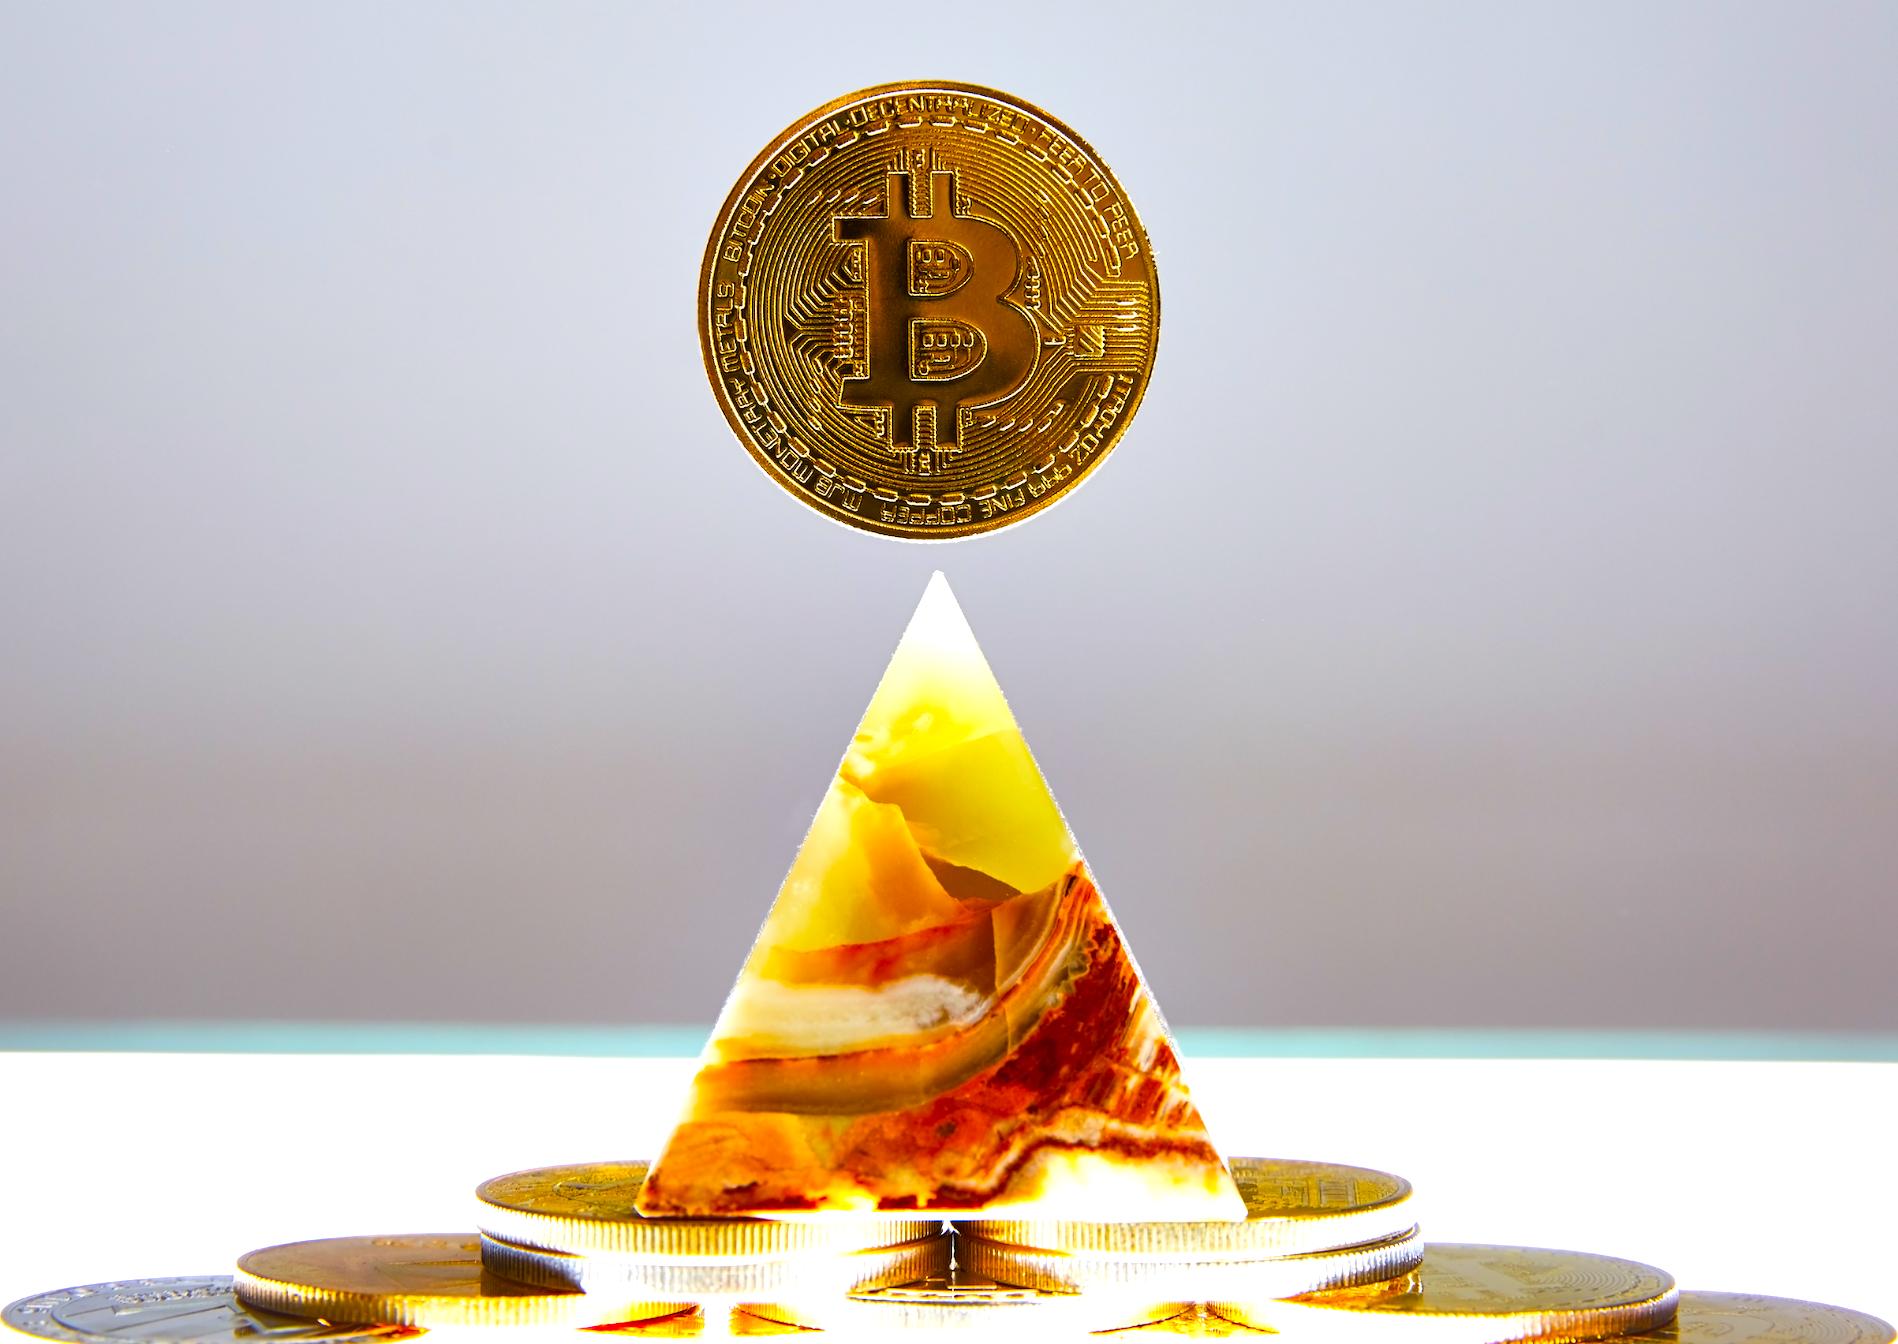 neribotas bitcoin maišytuvas bitcoin prekyba sudane